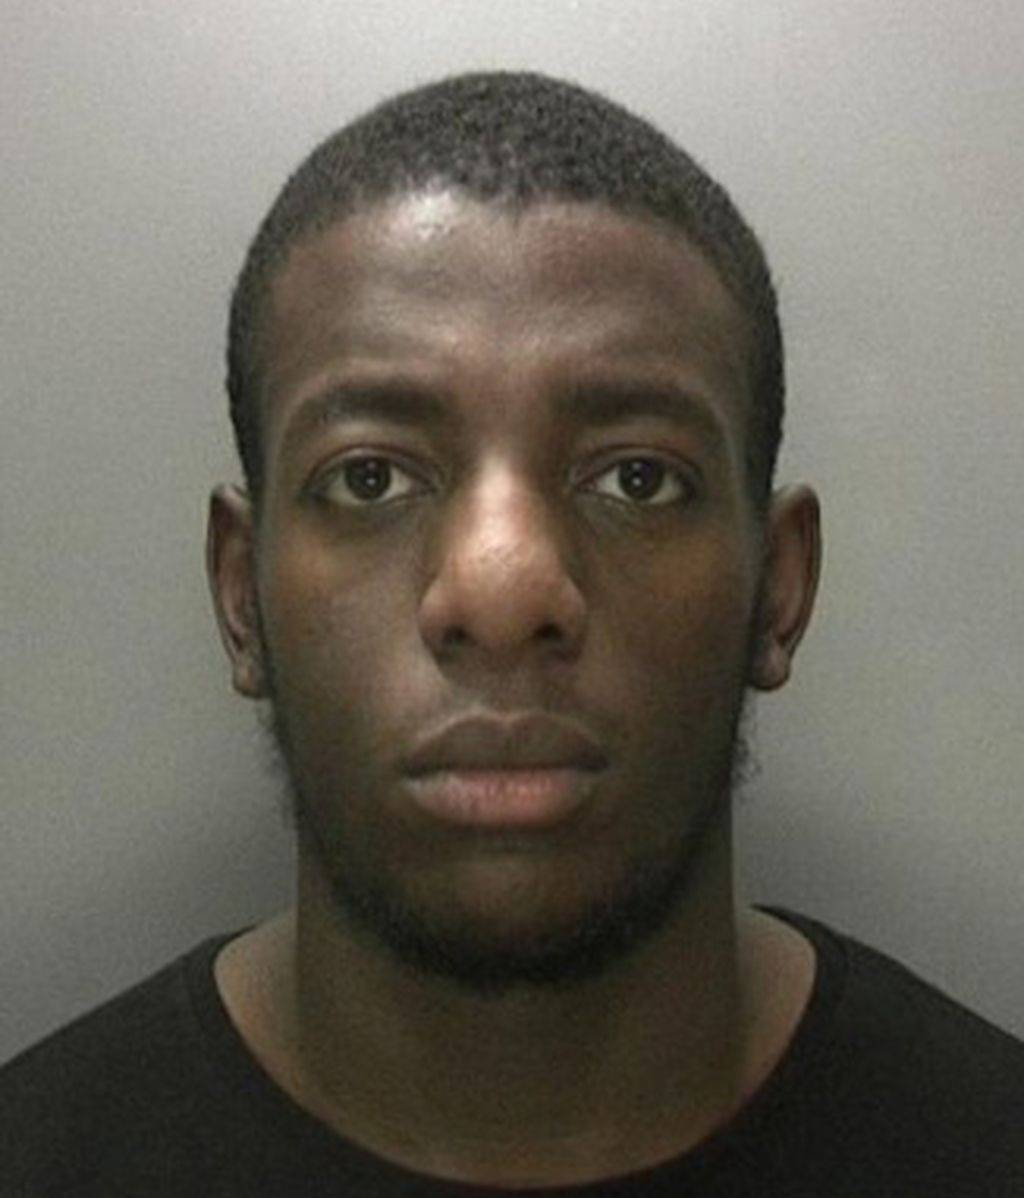 Omar Famuyide, el joven condenado a 21 años de cárcel gracias a Facebook